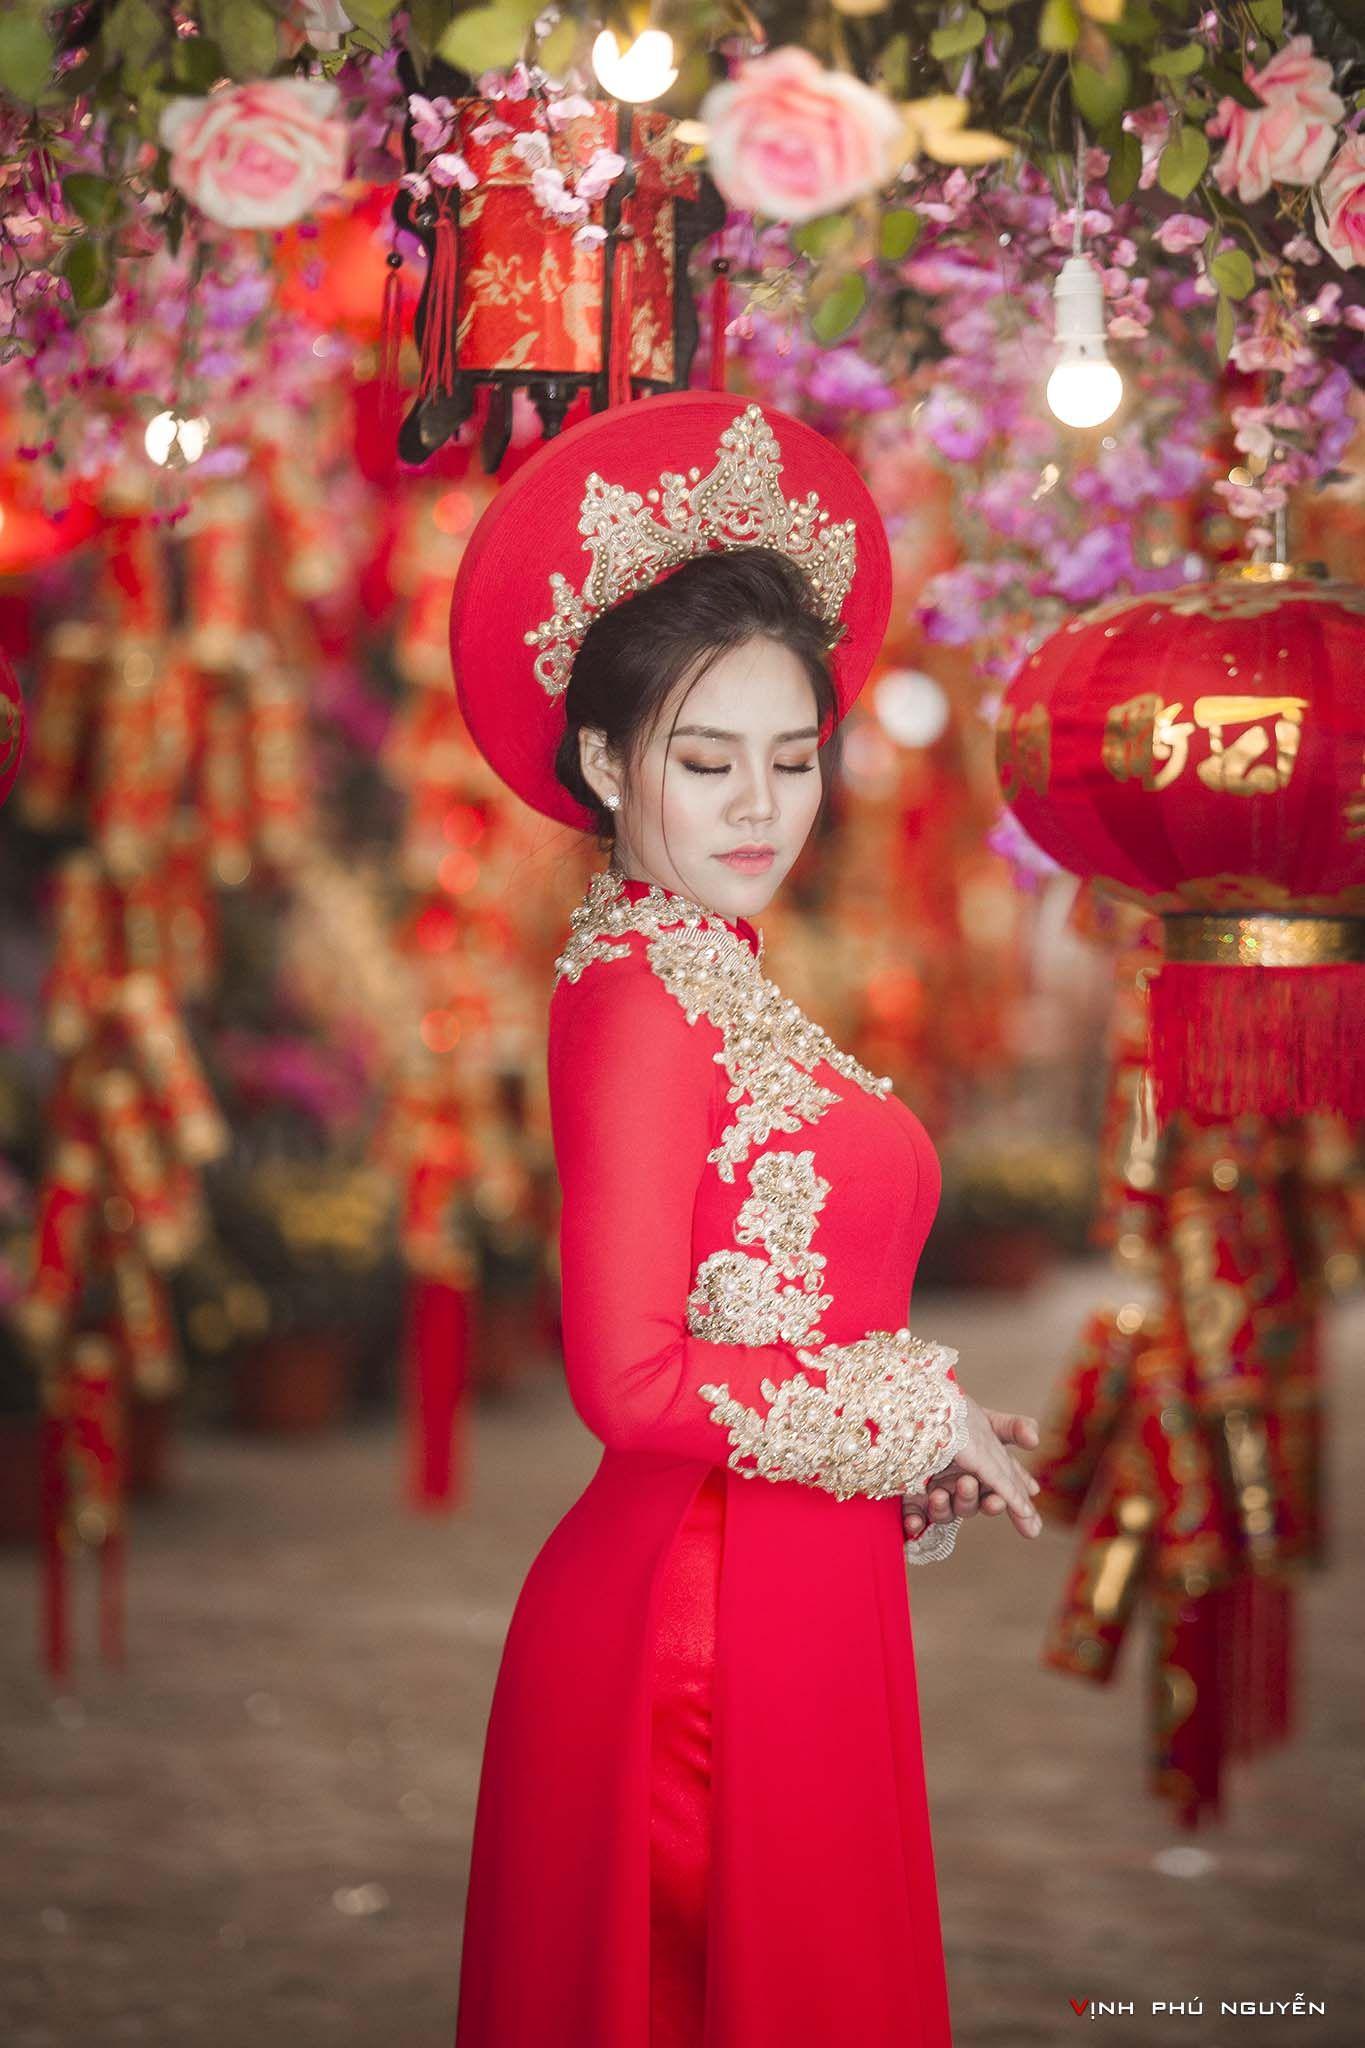 Hoang Yến Xinh Tươi Trong Bộ ảnh Ao Dai Chao Xuan Của Tac Giả Nguyễn Phu Vịnh Missviet Formal Dresses Dresses Fashion